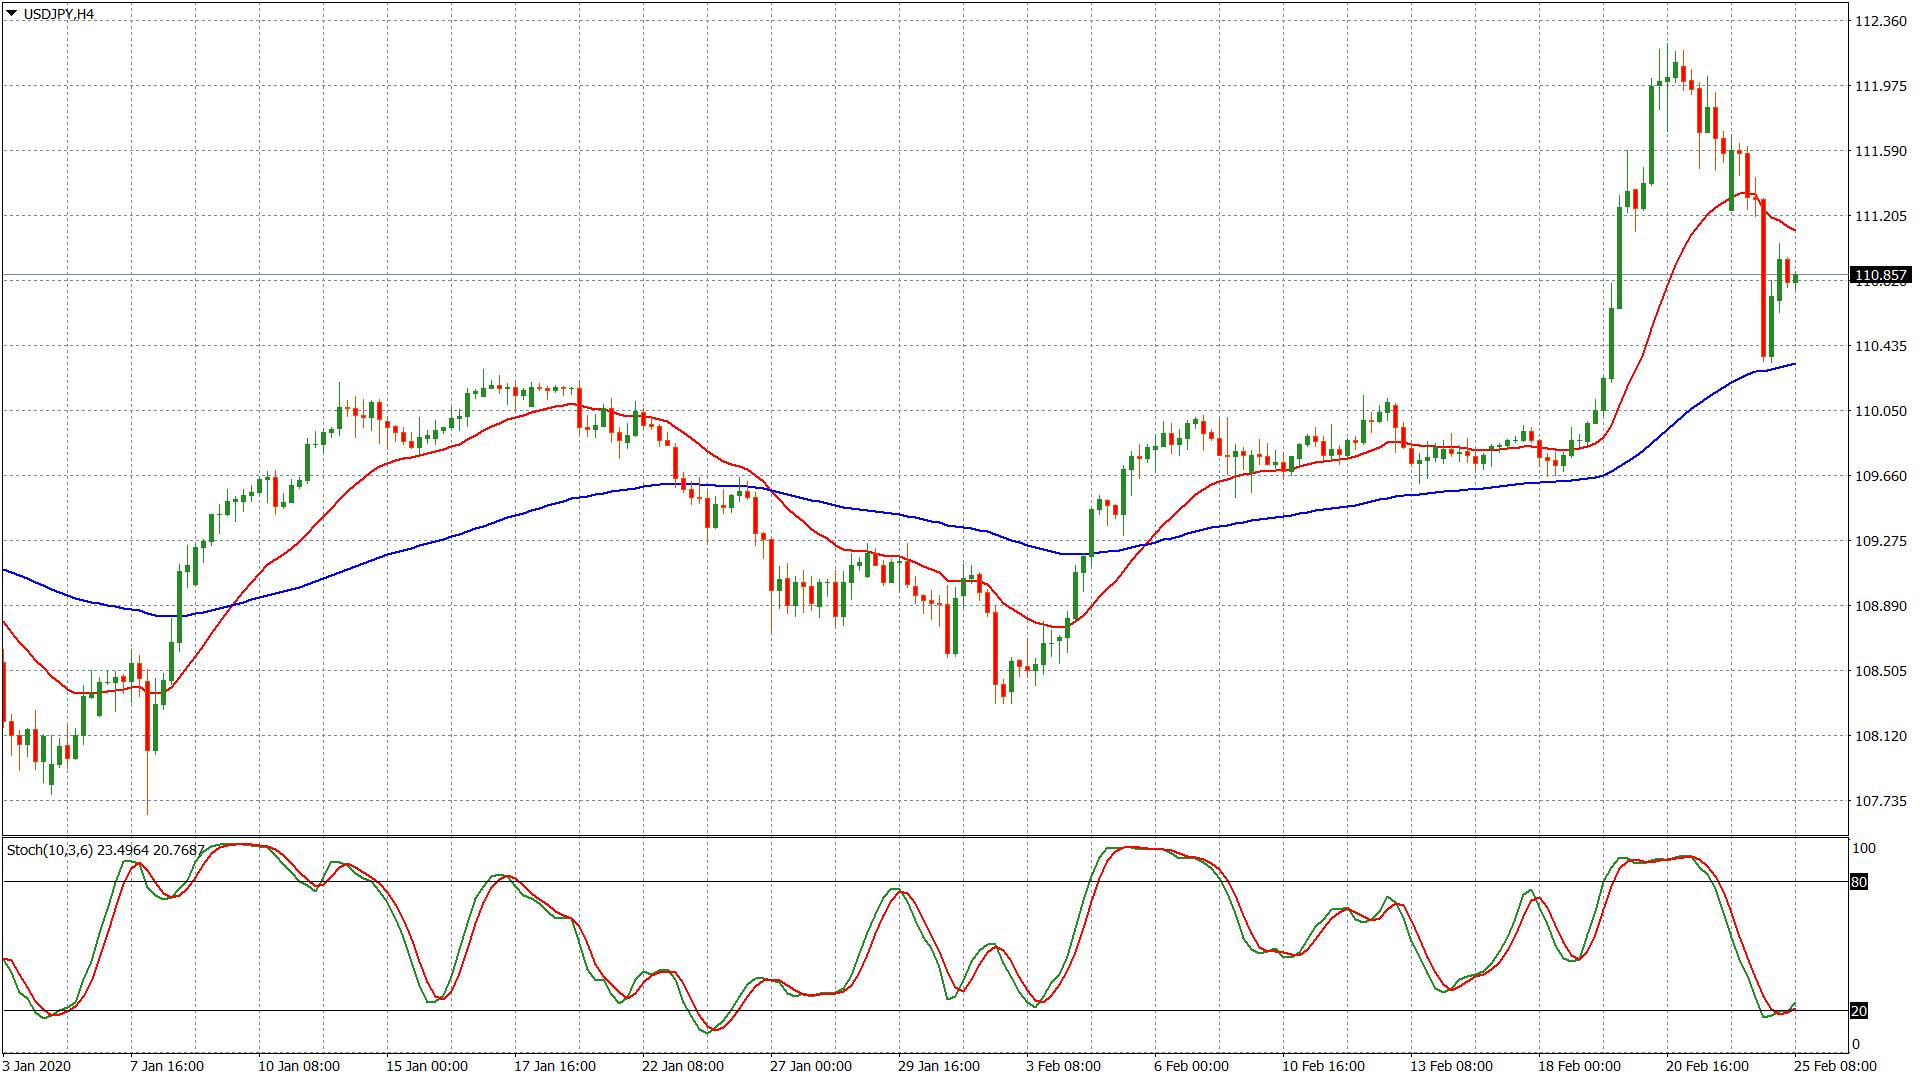 El yen sube y los precios bajan